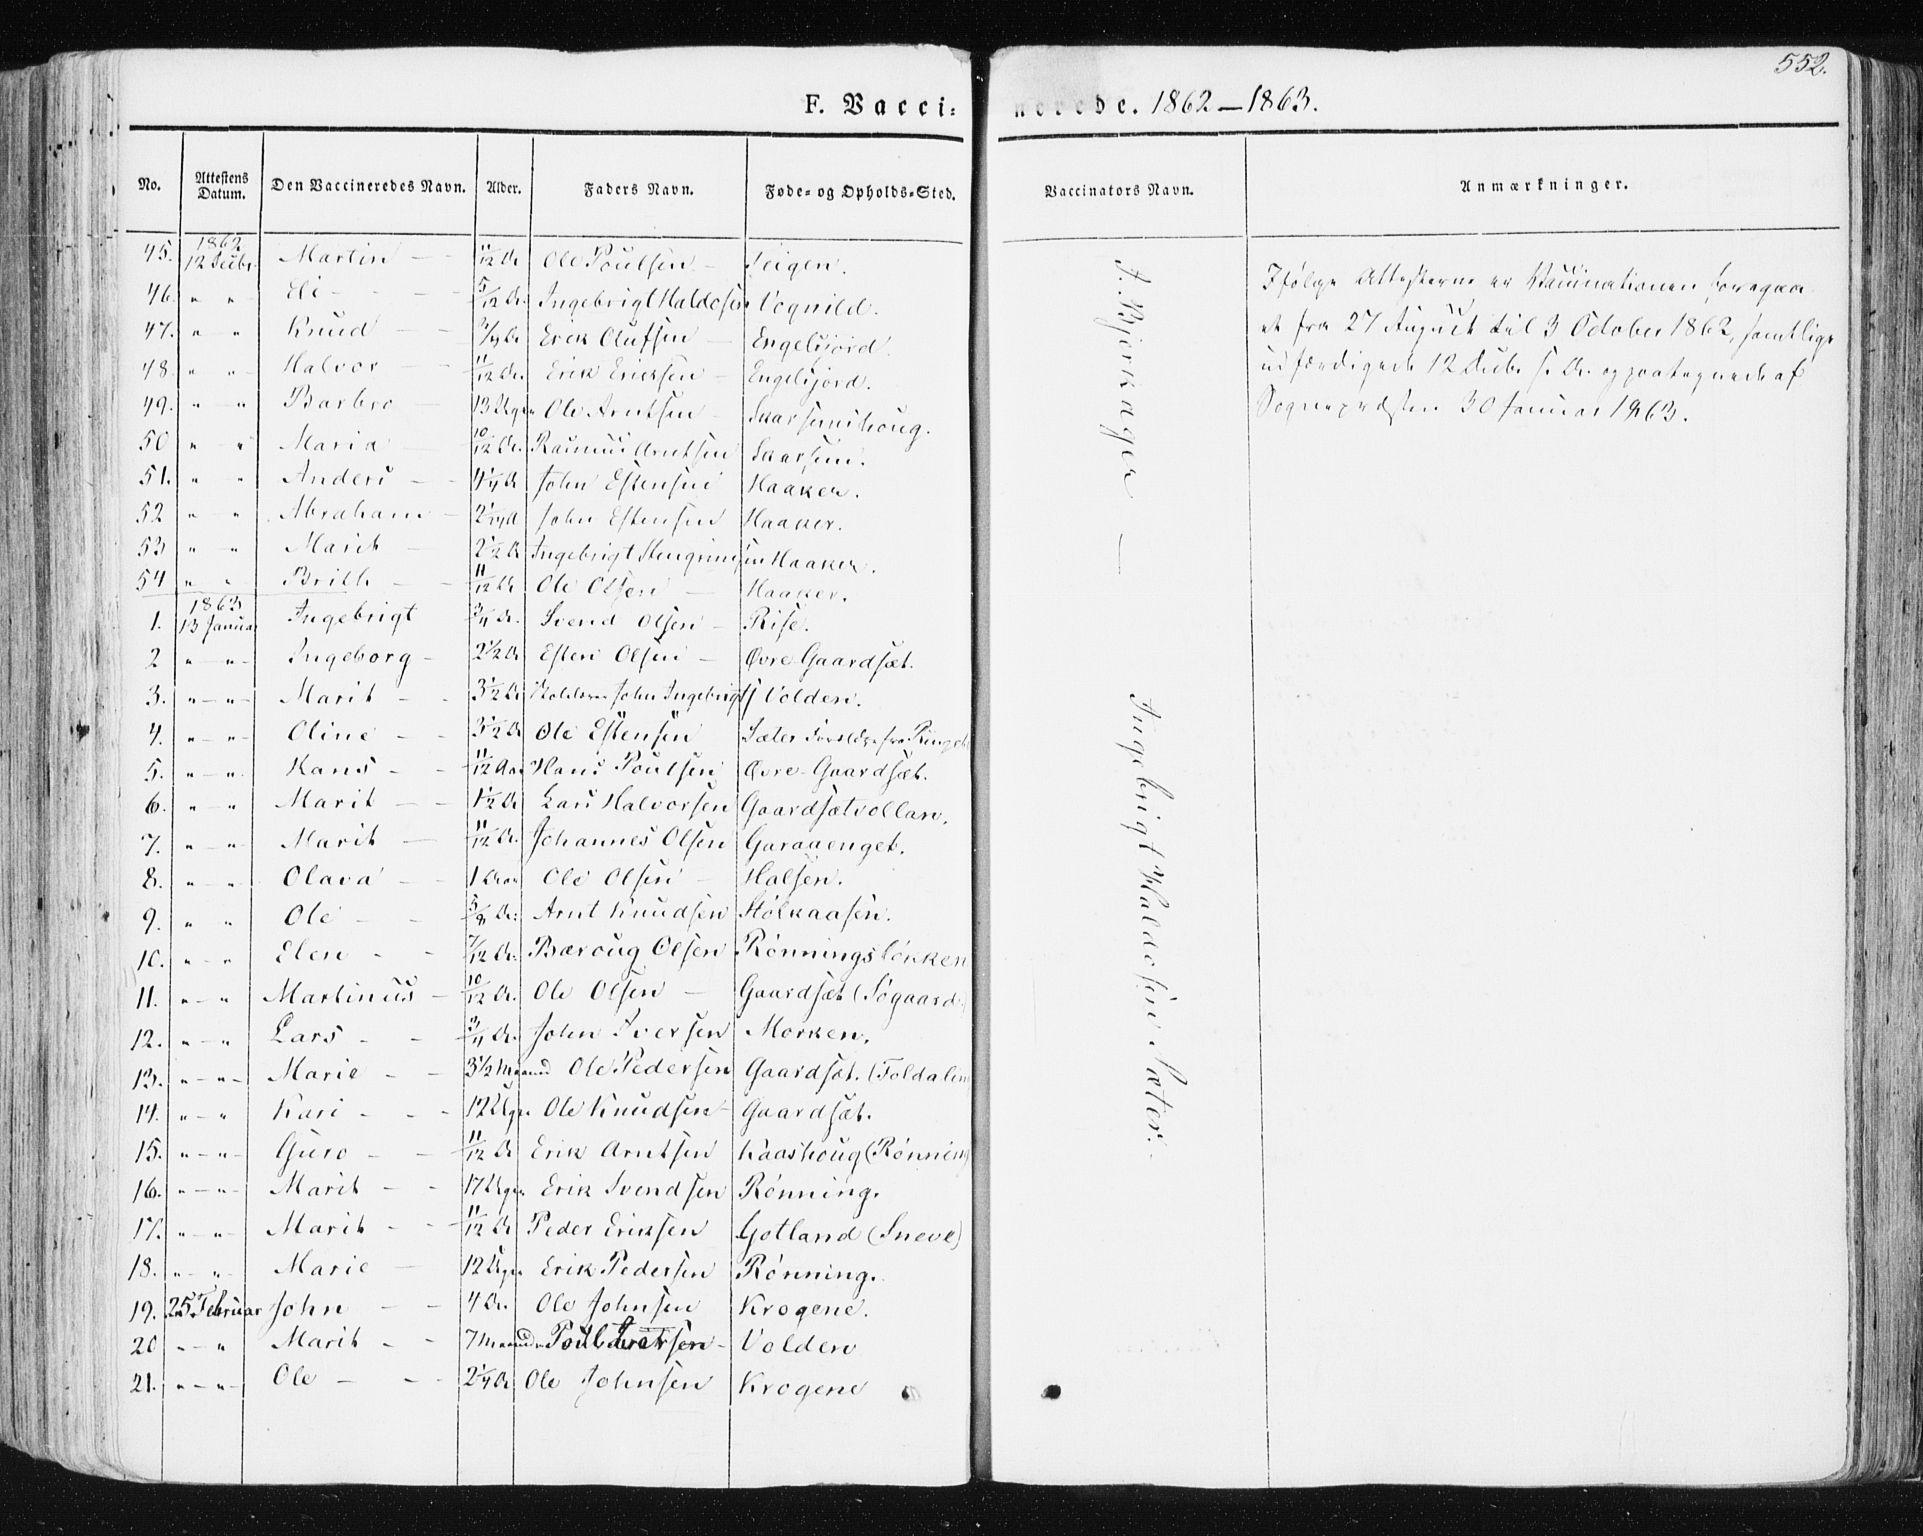 SAT, Ministerialprotokoller, klokkerbøker og fødselsregistre - Sør-Trøndelag, 678/L0899: Ministerialbok nr. 678A08, 1848-1872, s. 552